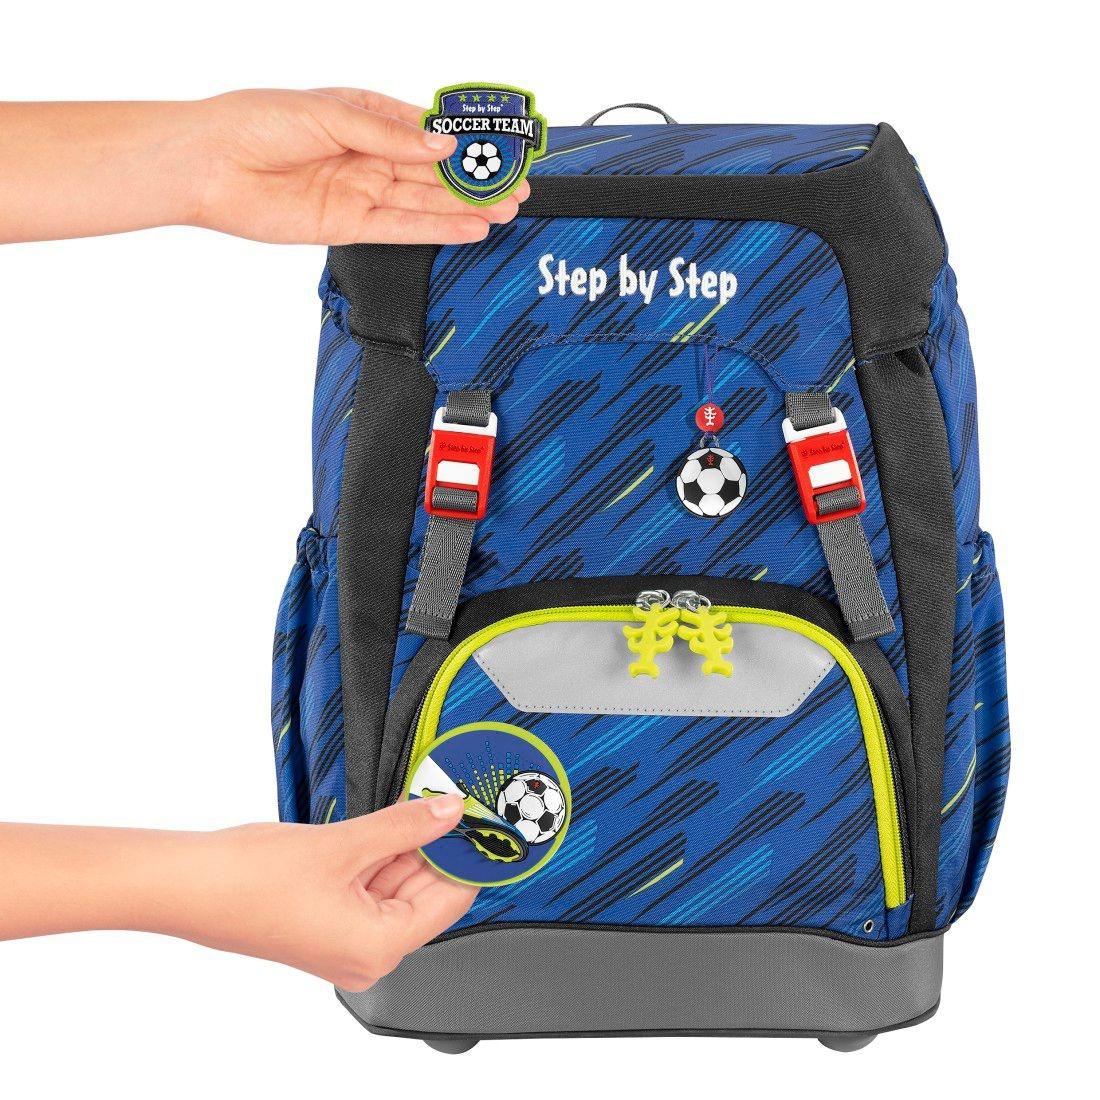 Step by Step, Plecak szkolny Grade set 5 - Soccer Team (129659)